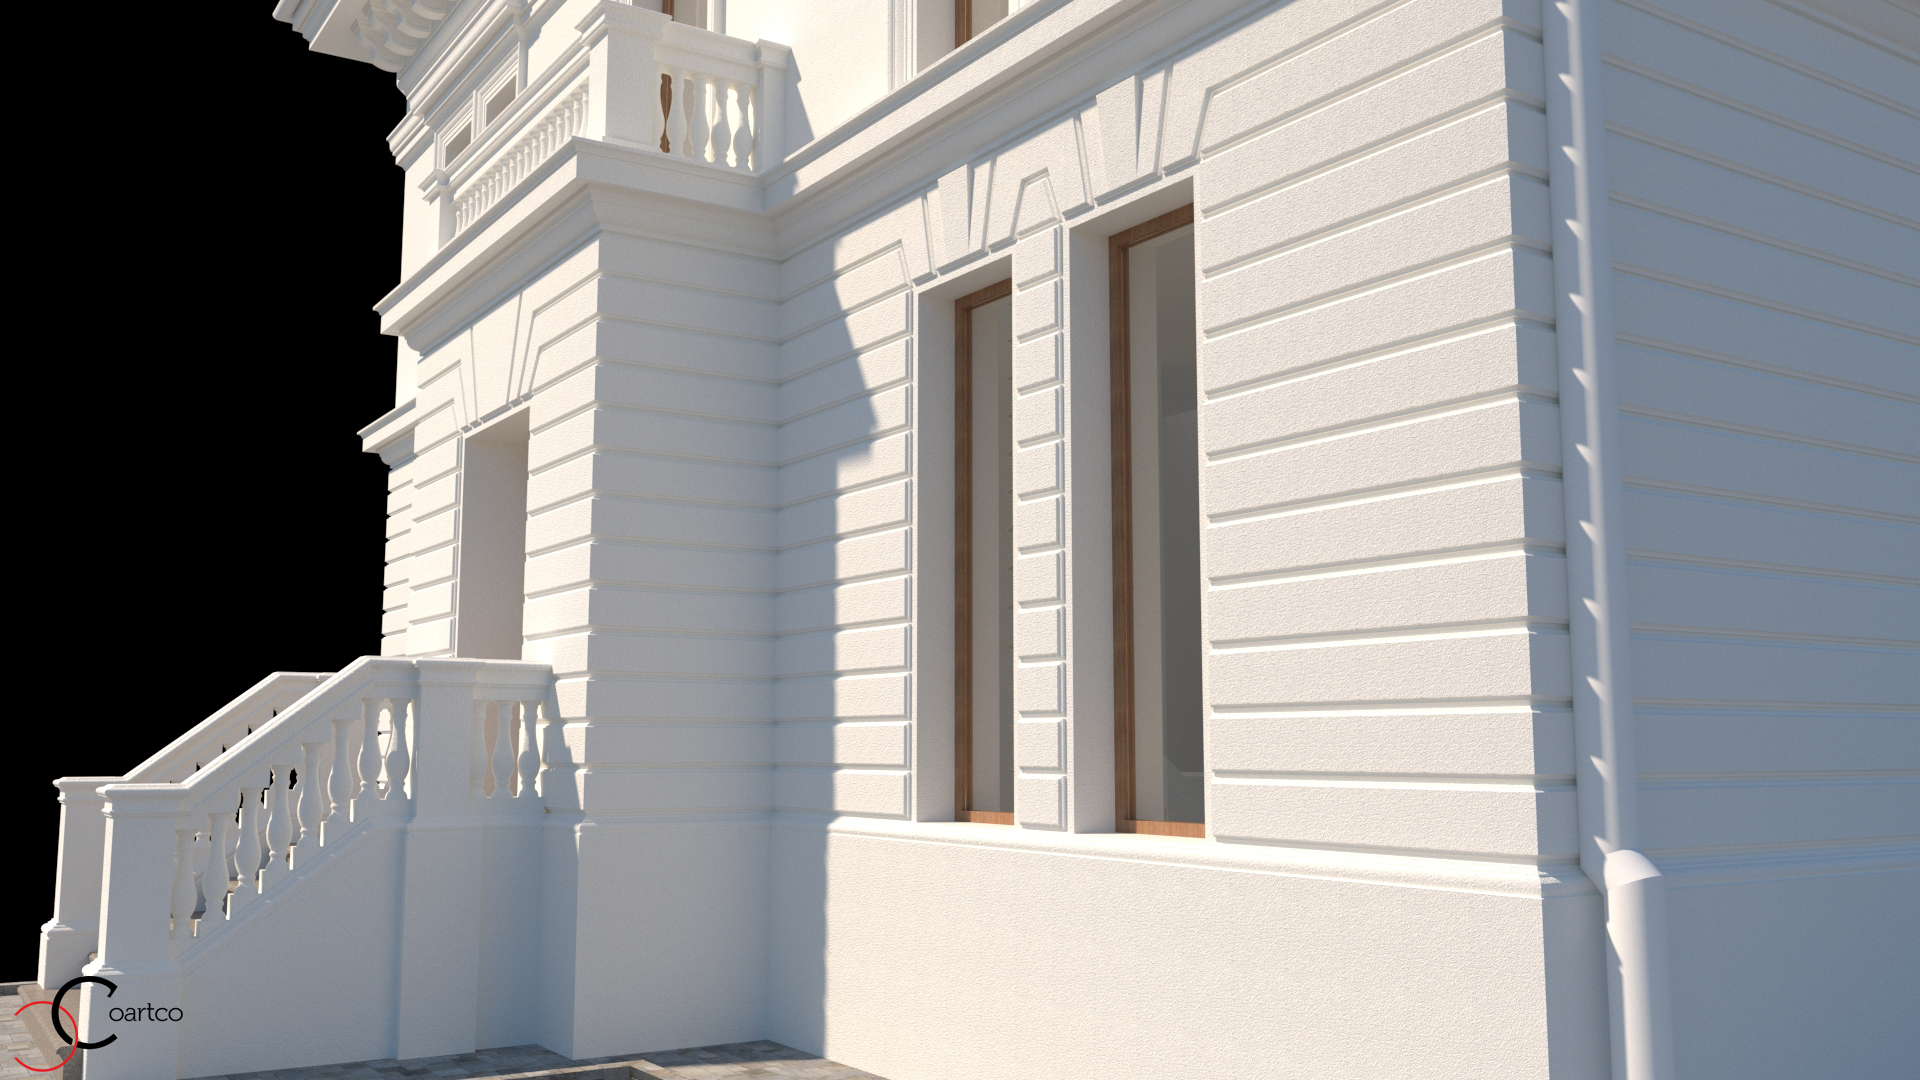 fatada-casa-neo-clasica-cu-elemente-arhitecturale-culori